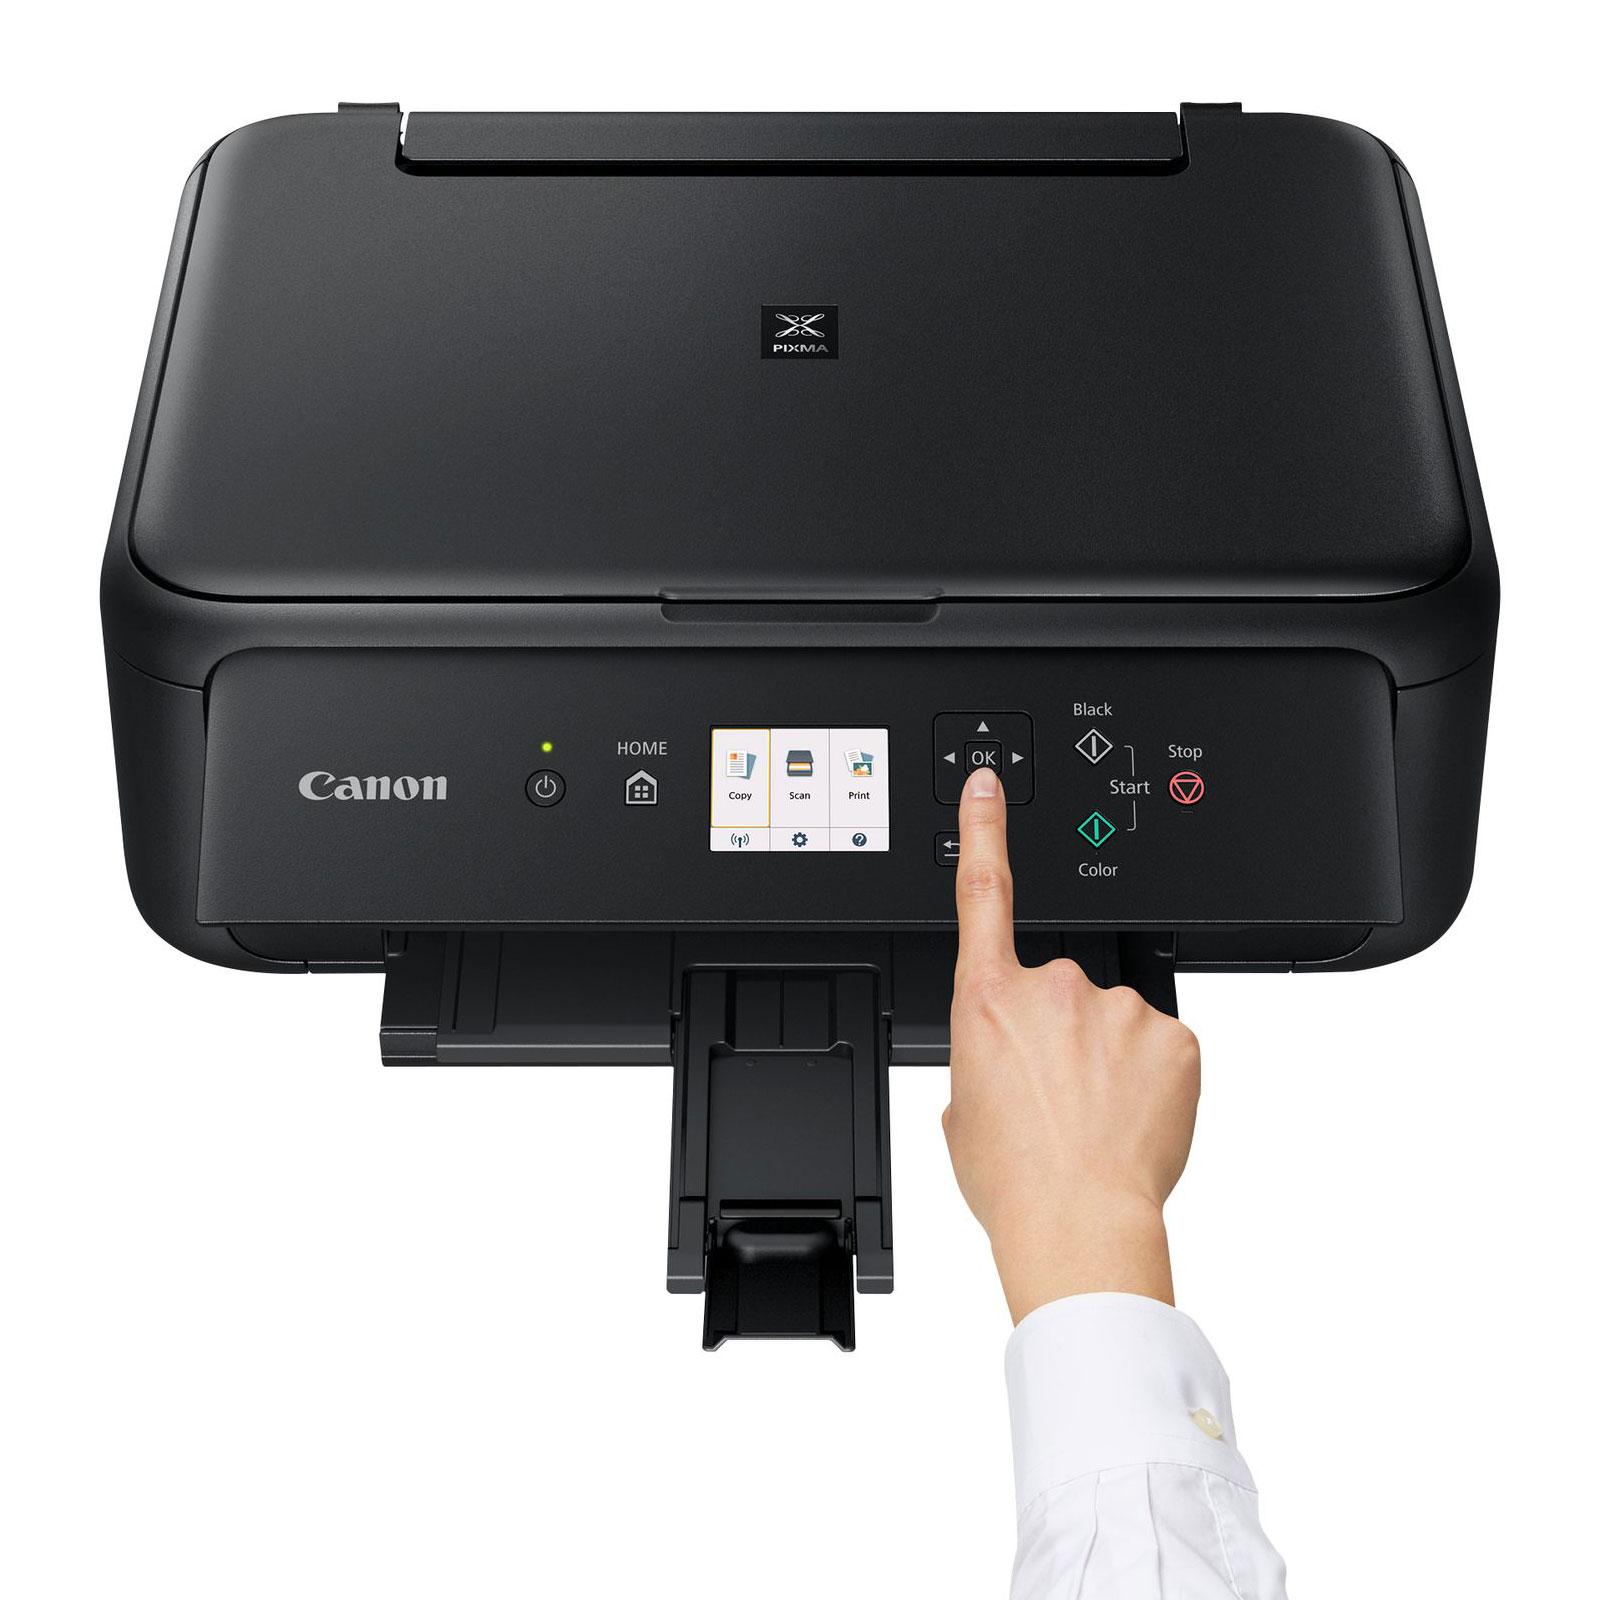 Imprimante multifonction Canon PIXMA TS5150 - Cybertek.fr - 2